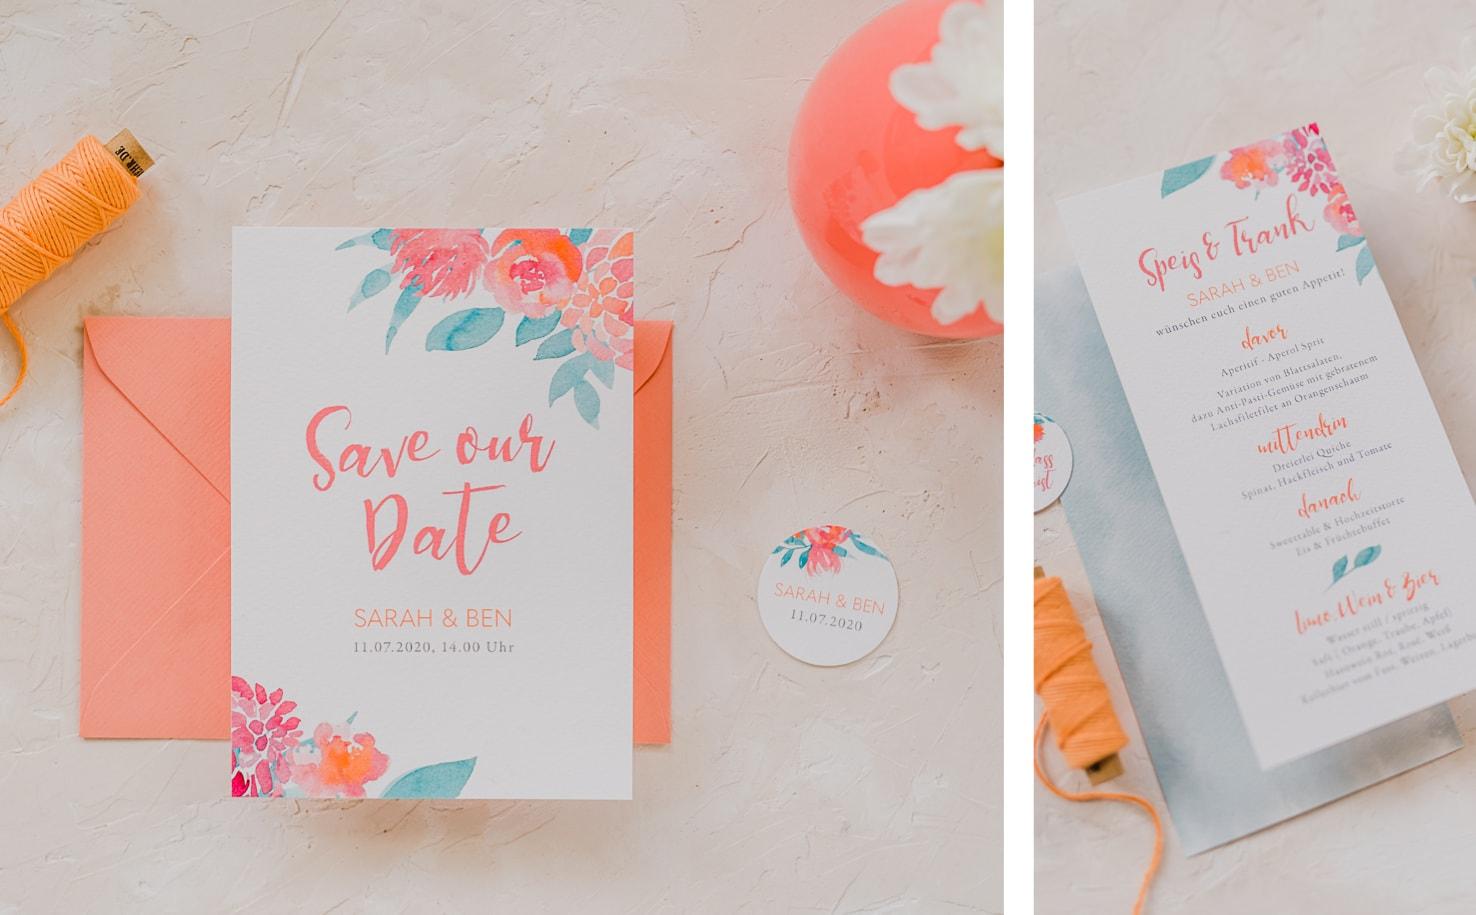 Produktfotografie für Farbgold: Flatlays von Hochzeitspapetrie Designs in der Pantone Farbe 2019: living coral